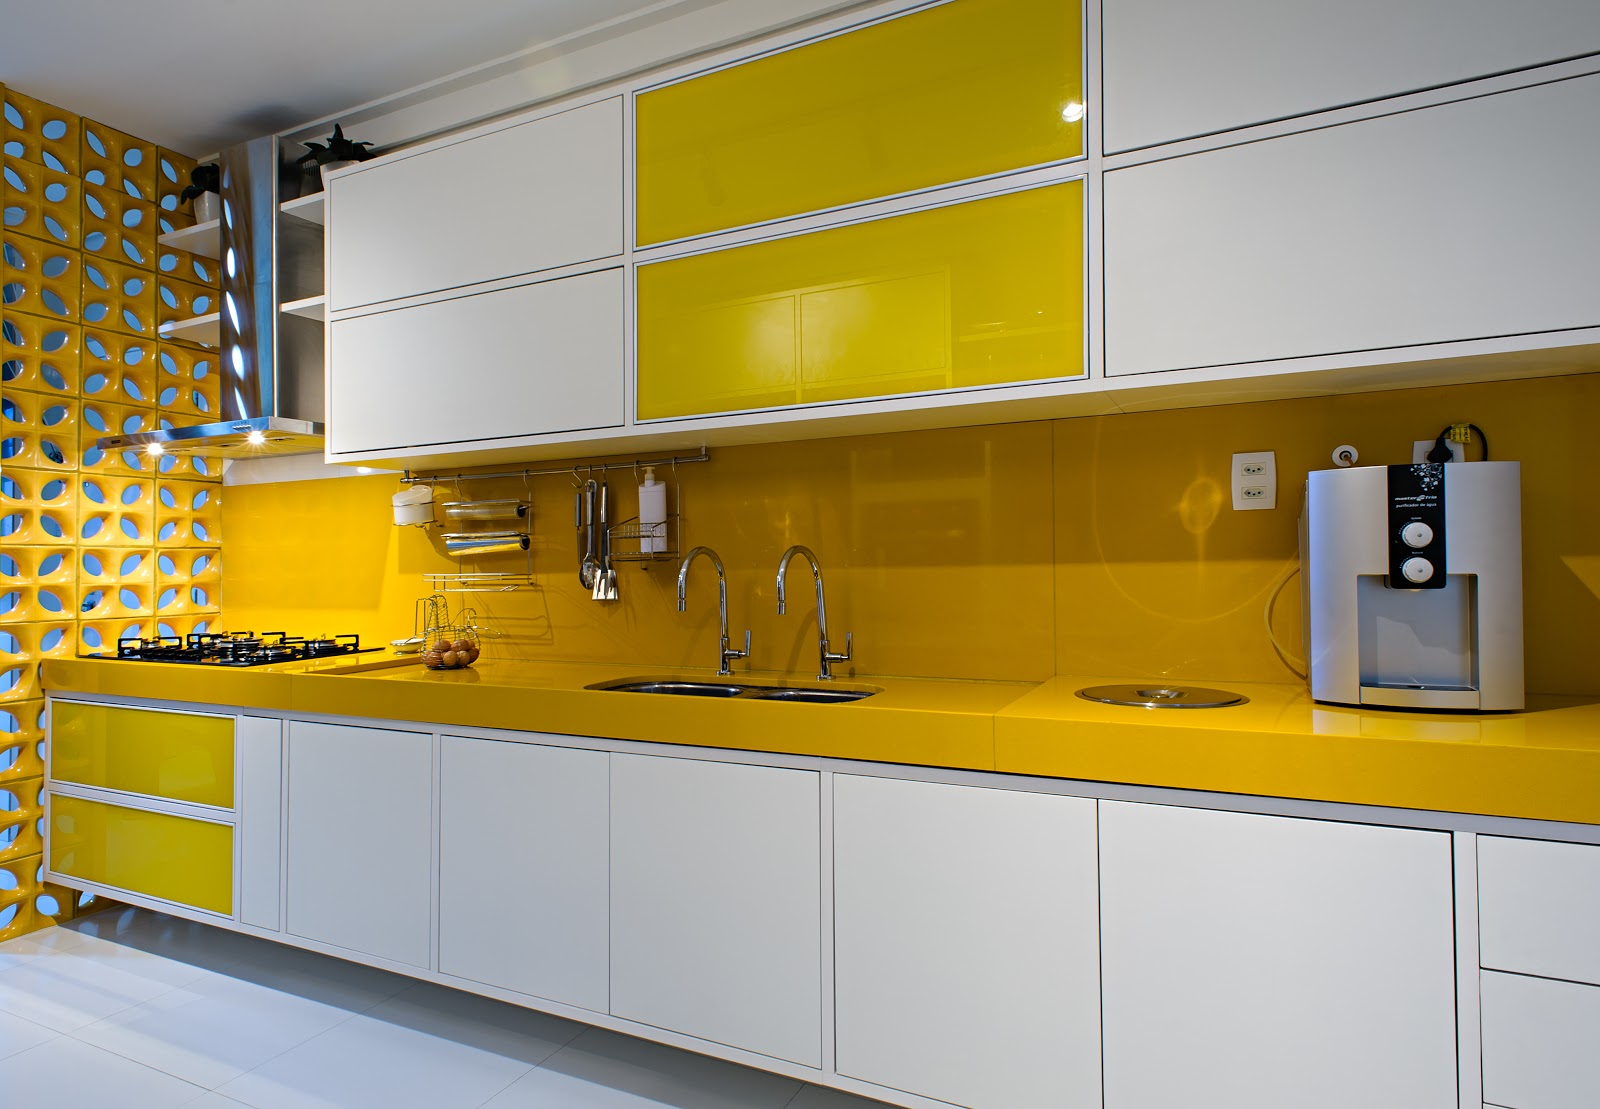 UM sonho a DOIS: Cozinha em Cores! #BE9403 1600x1109 Banheiro Amarelo E Cinza